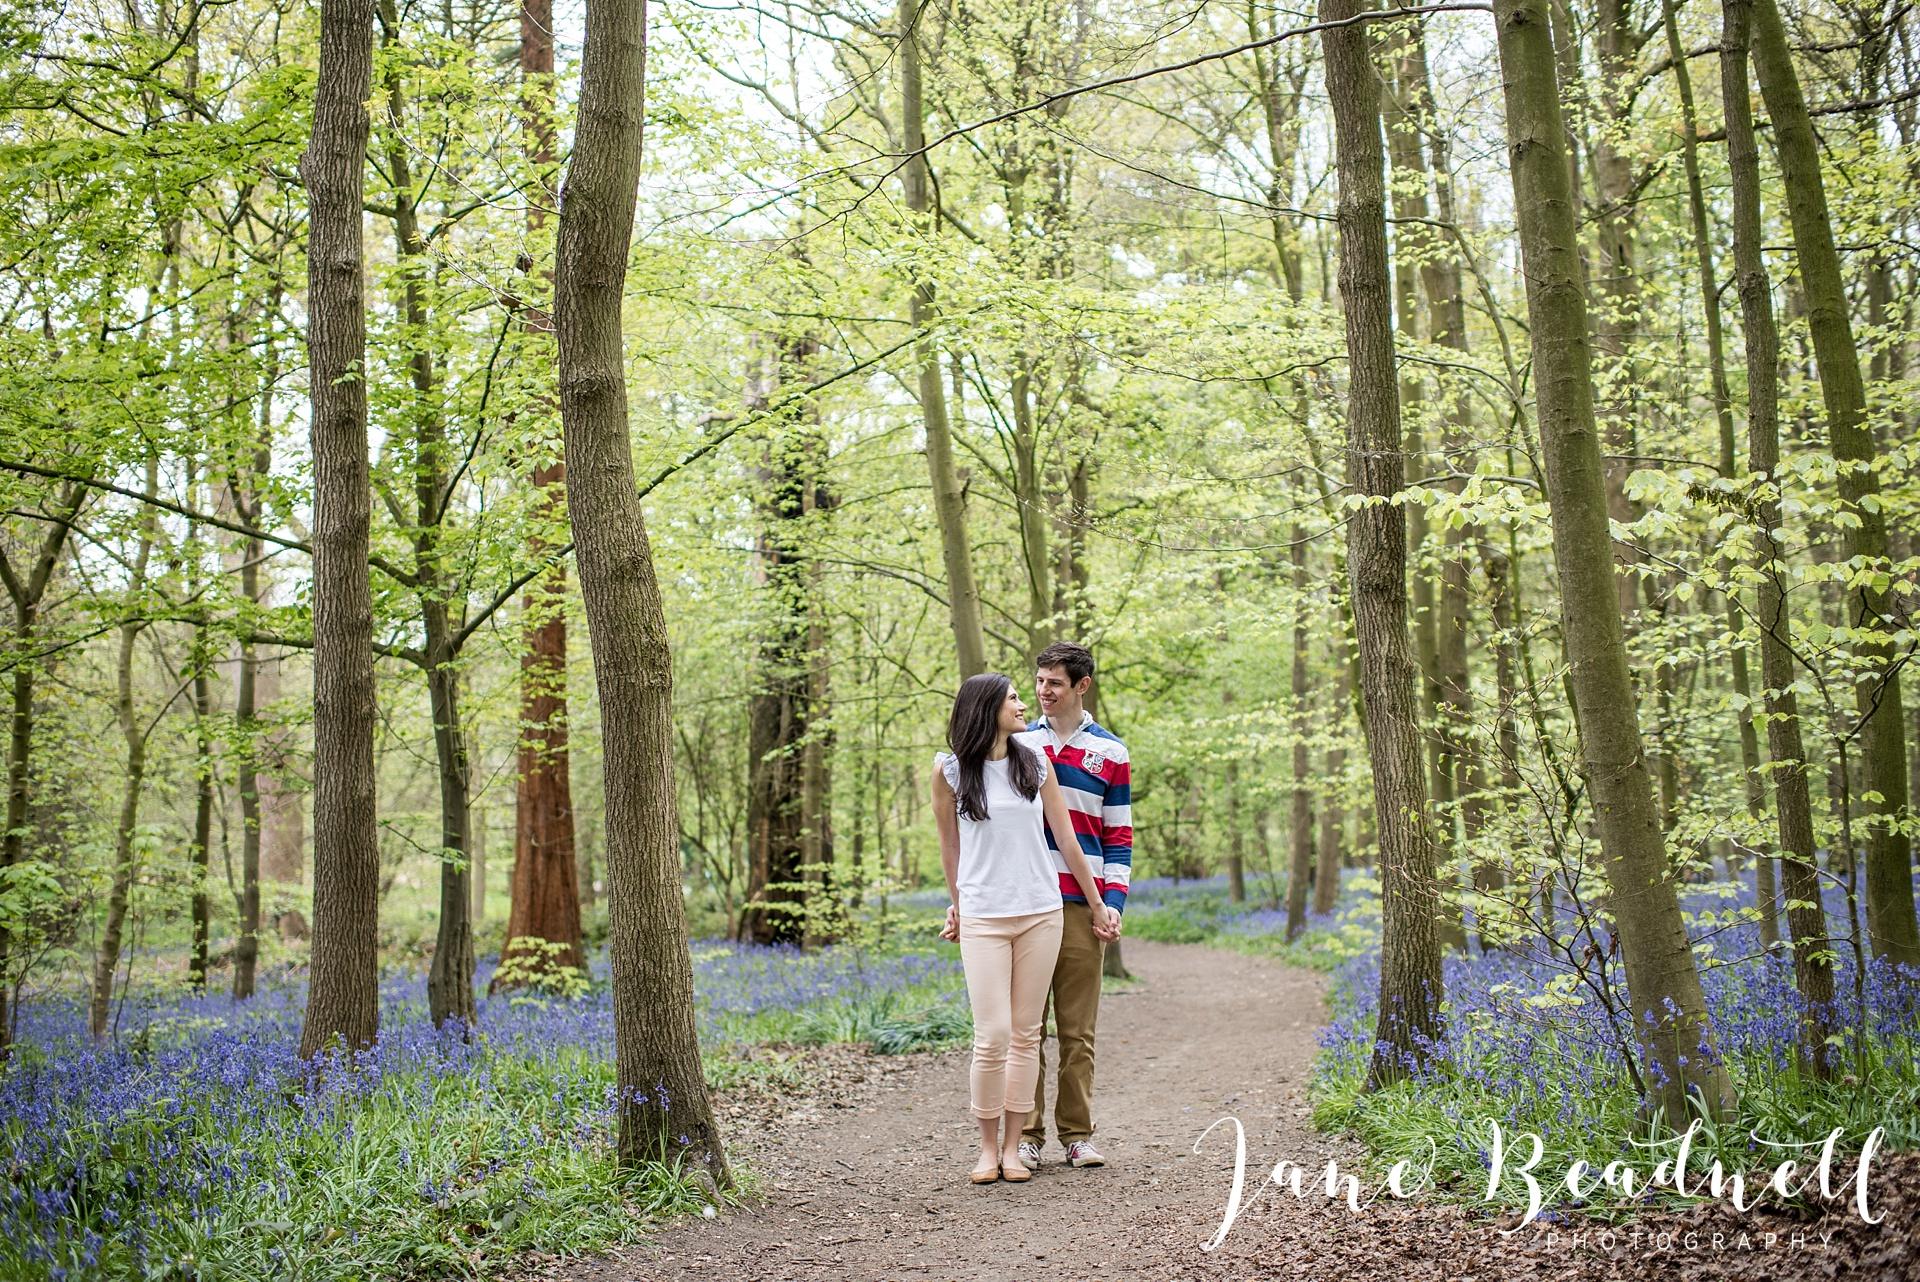 Yorkshire Sculpture Park Engagement Shoot Leeds wedding photographer Jane Beadnell_0058